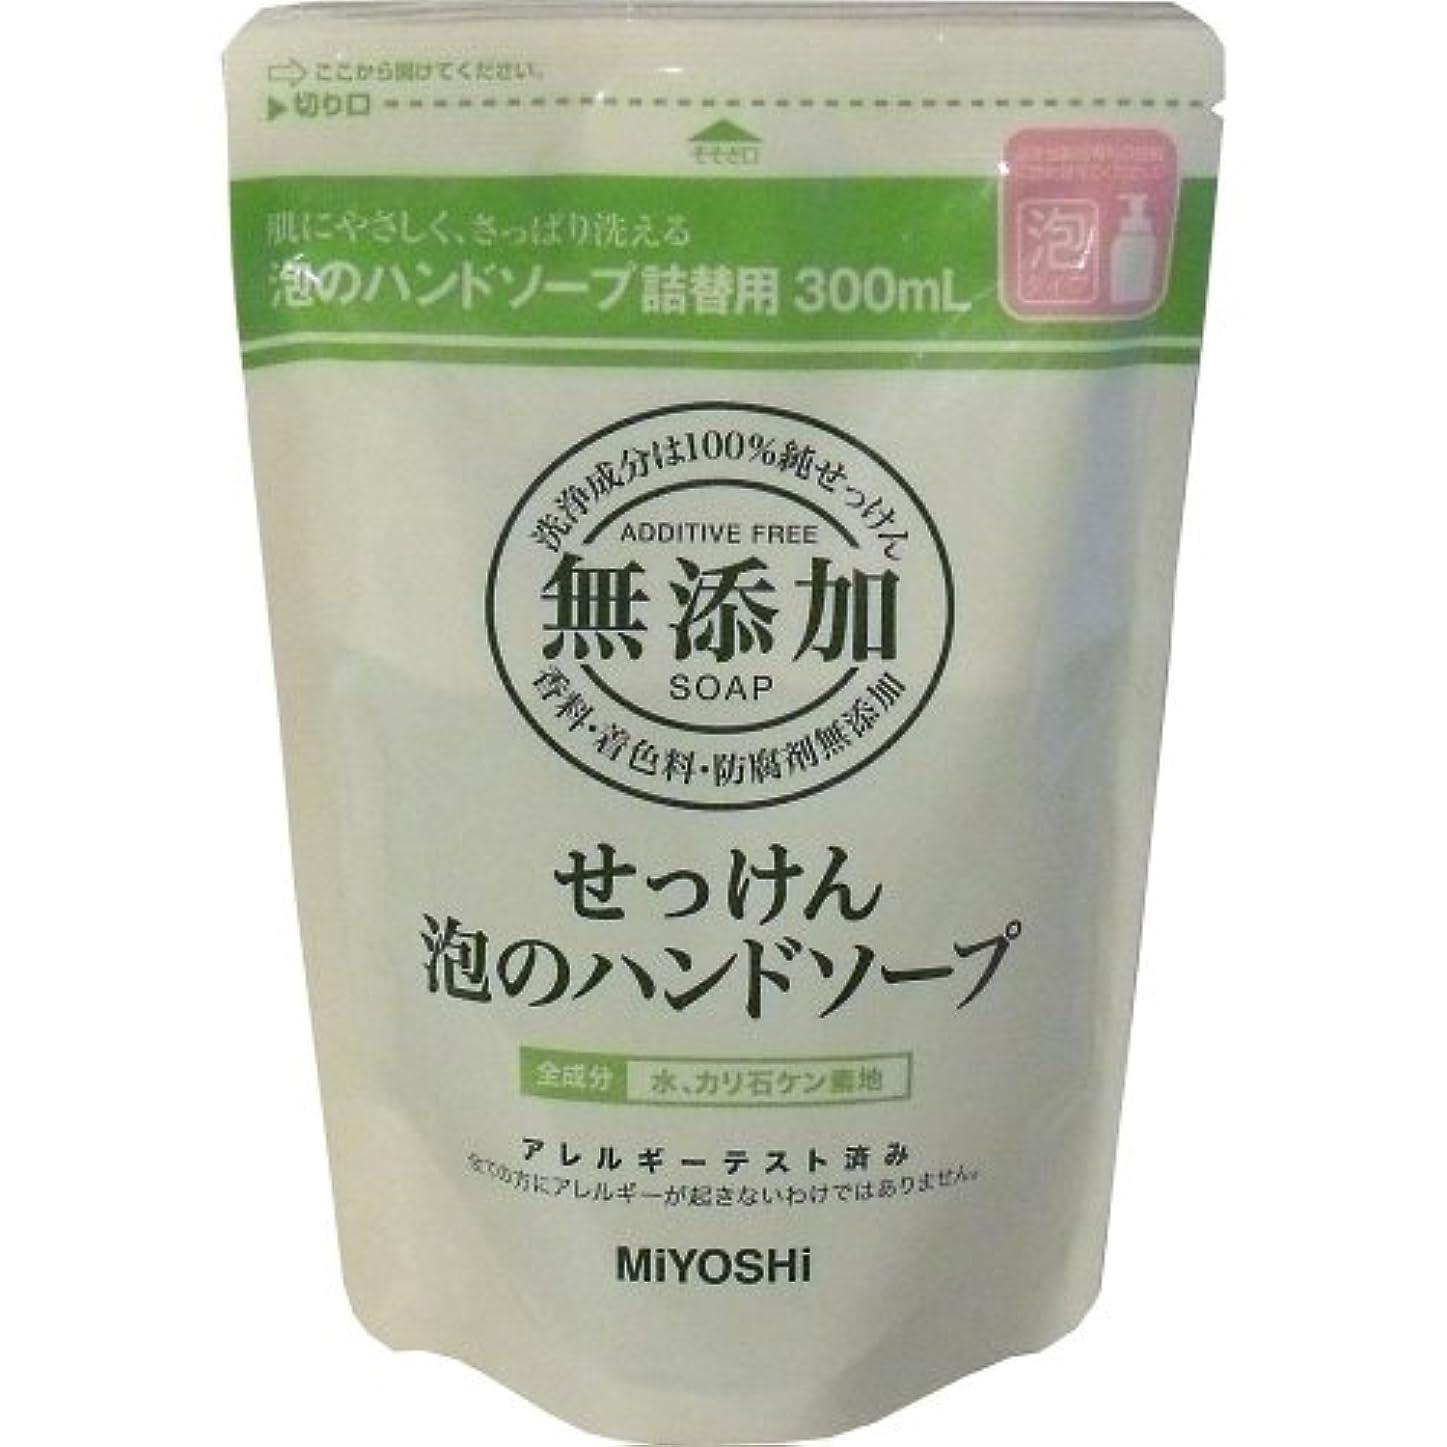 クリップ目覚める叙情的なミヨシ石鹸 無添加せっけん泡ハンドソープ 詰替用300ml×5